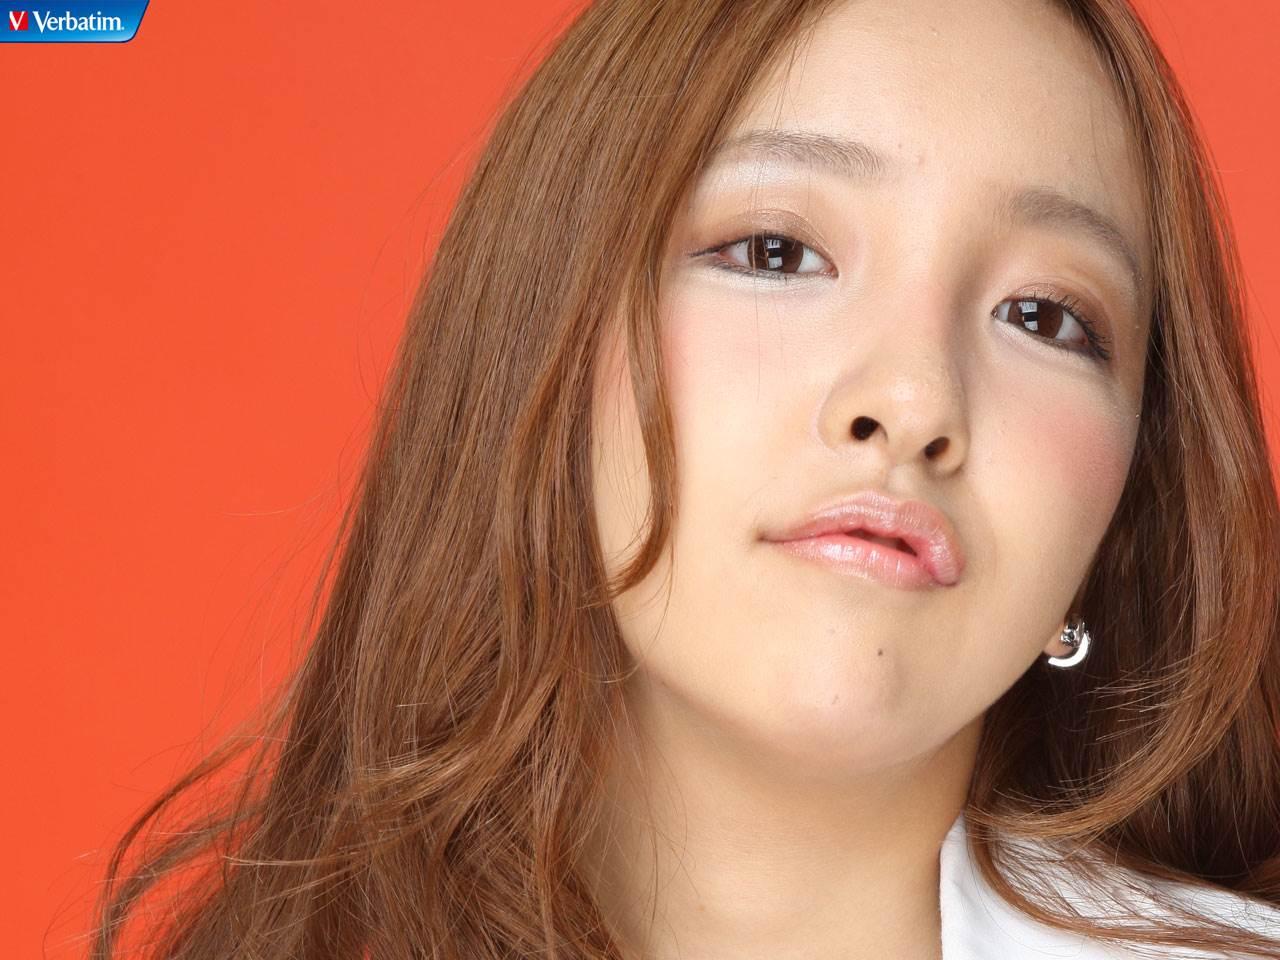 日本美女板野友美 清纯美女,美女,日本美女,板野友美美女,虎牙壁纸美女,teamA美女图片第张